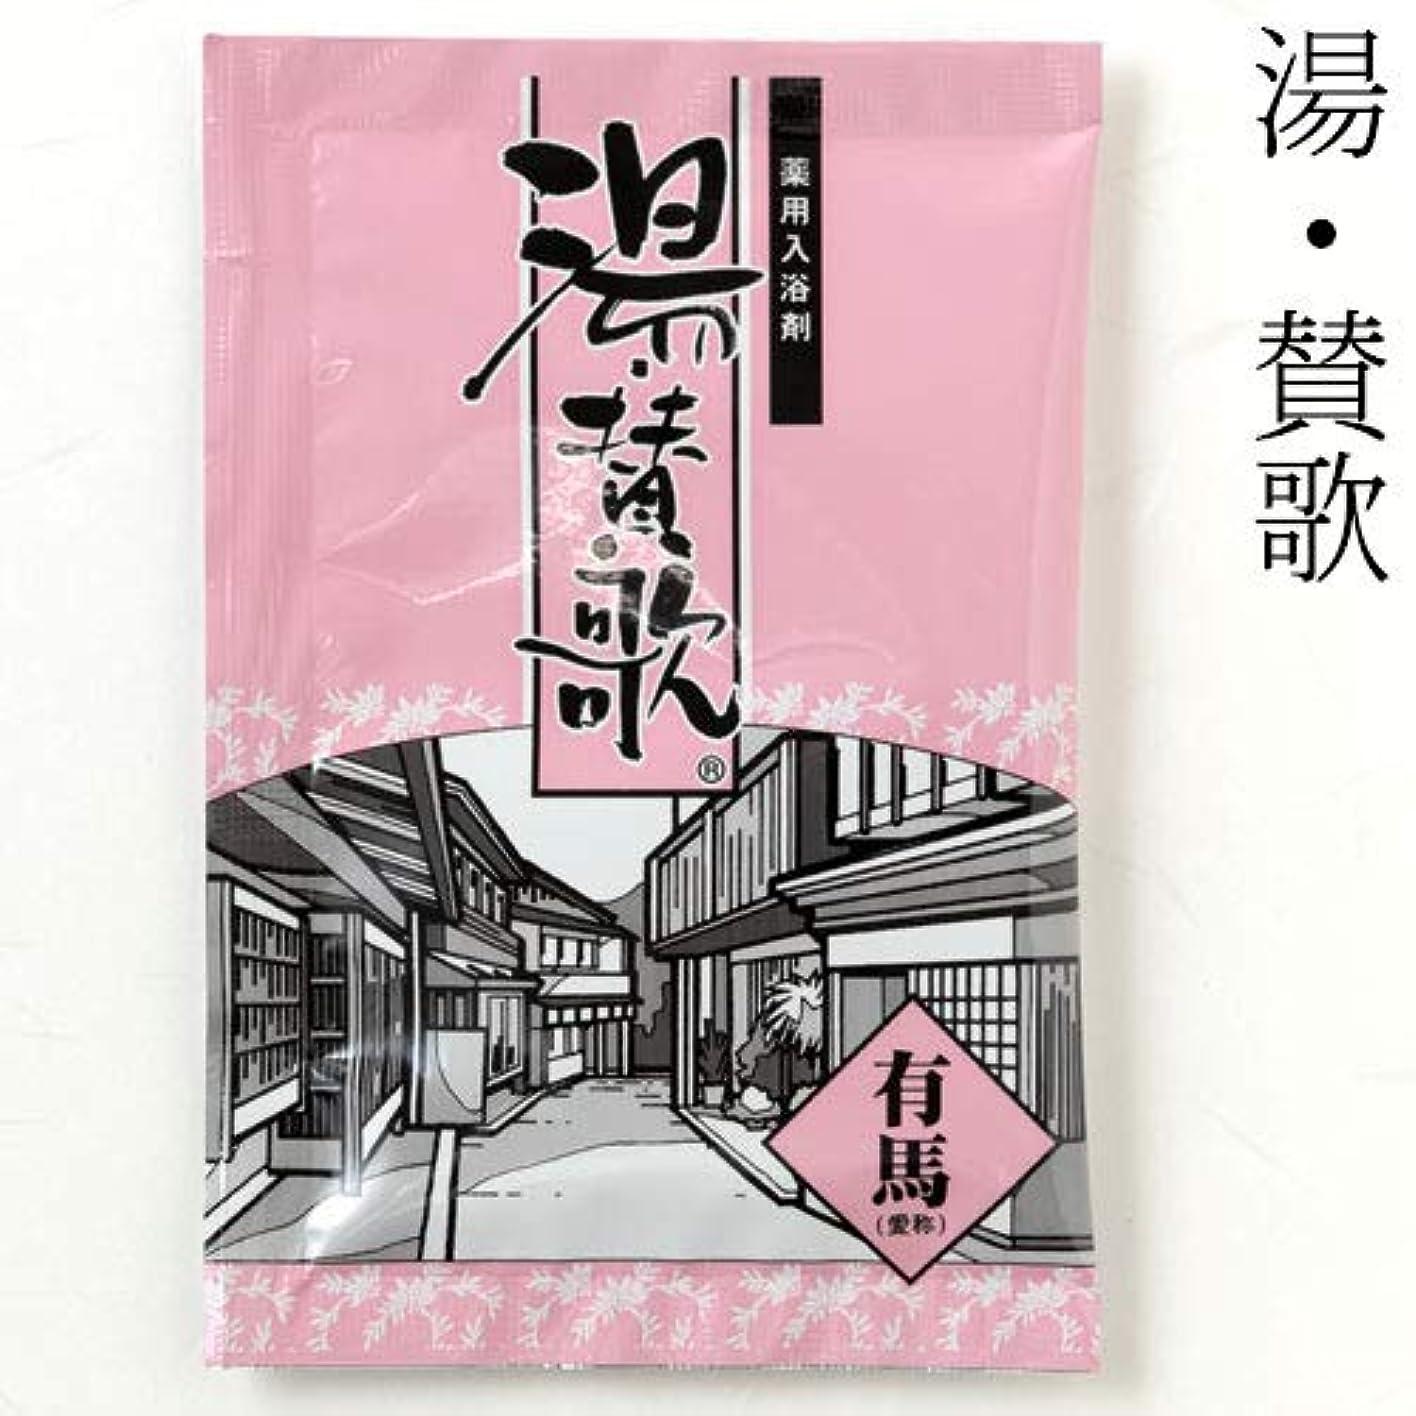 流出リップ木製入浴剤湯?賛歌有馬1包石川県のお風呂グッズBath additive, Ishikawa craft